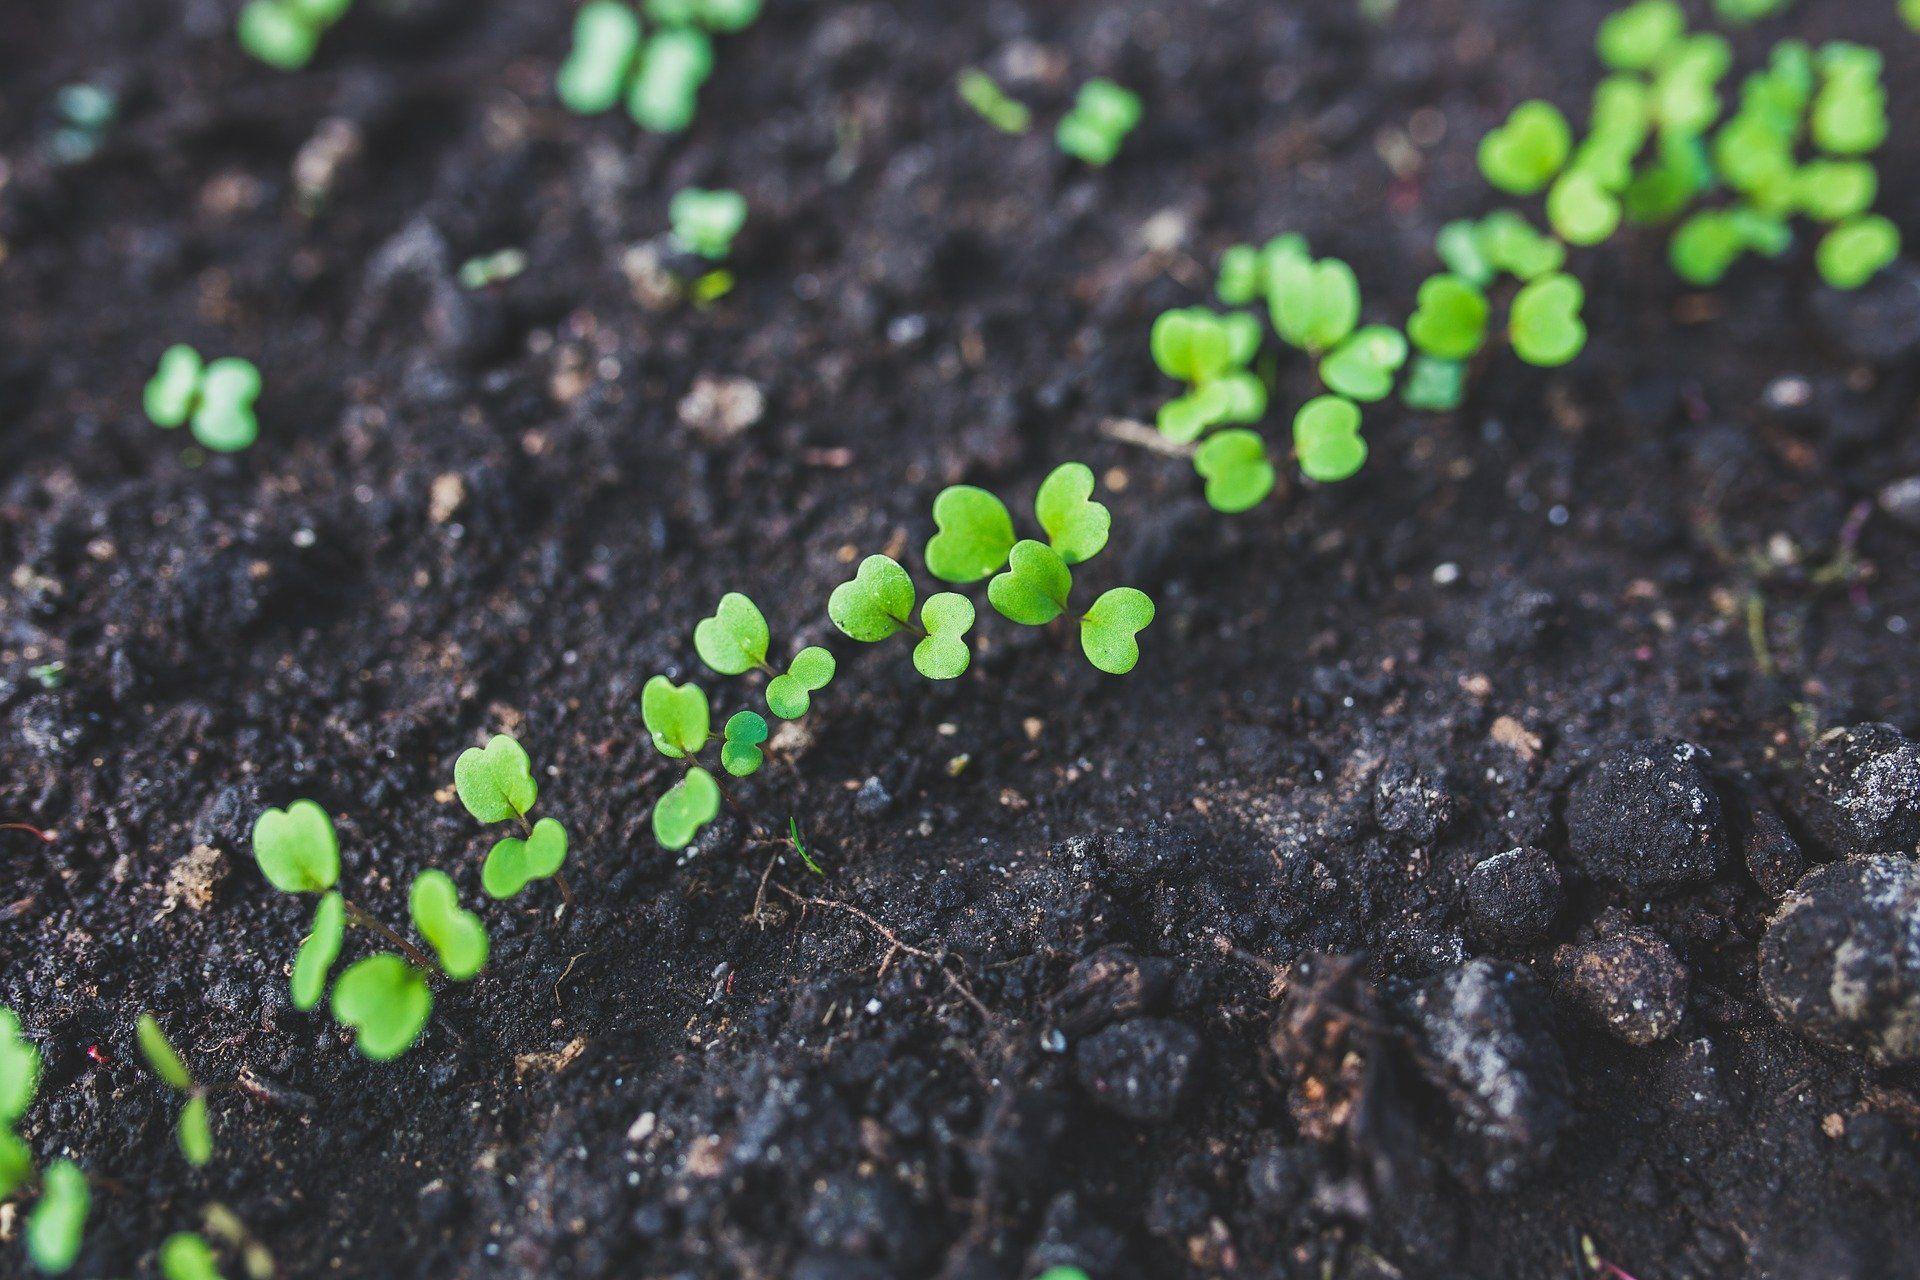 Las tierras de cultivo ecológico se sitúan en más de 71,5 millones de hectáreas